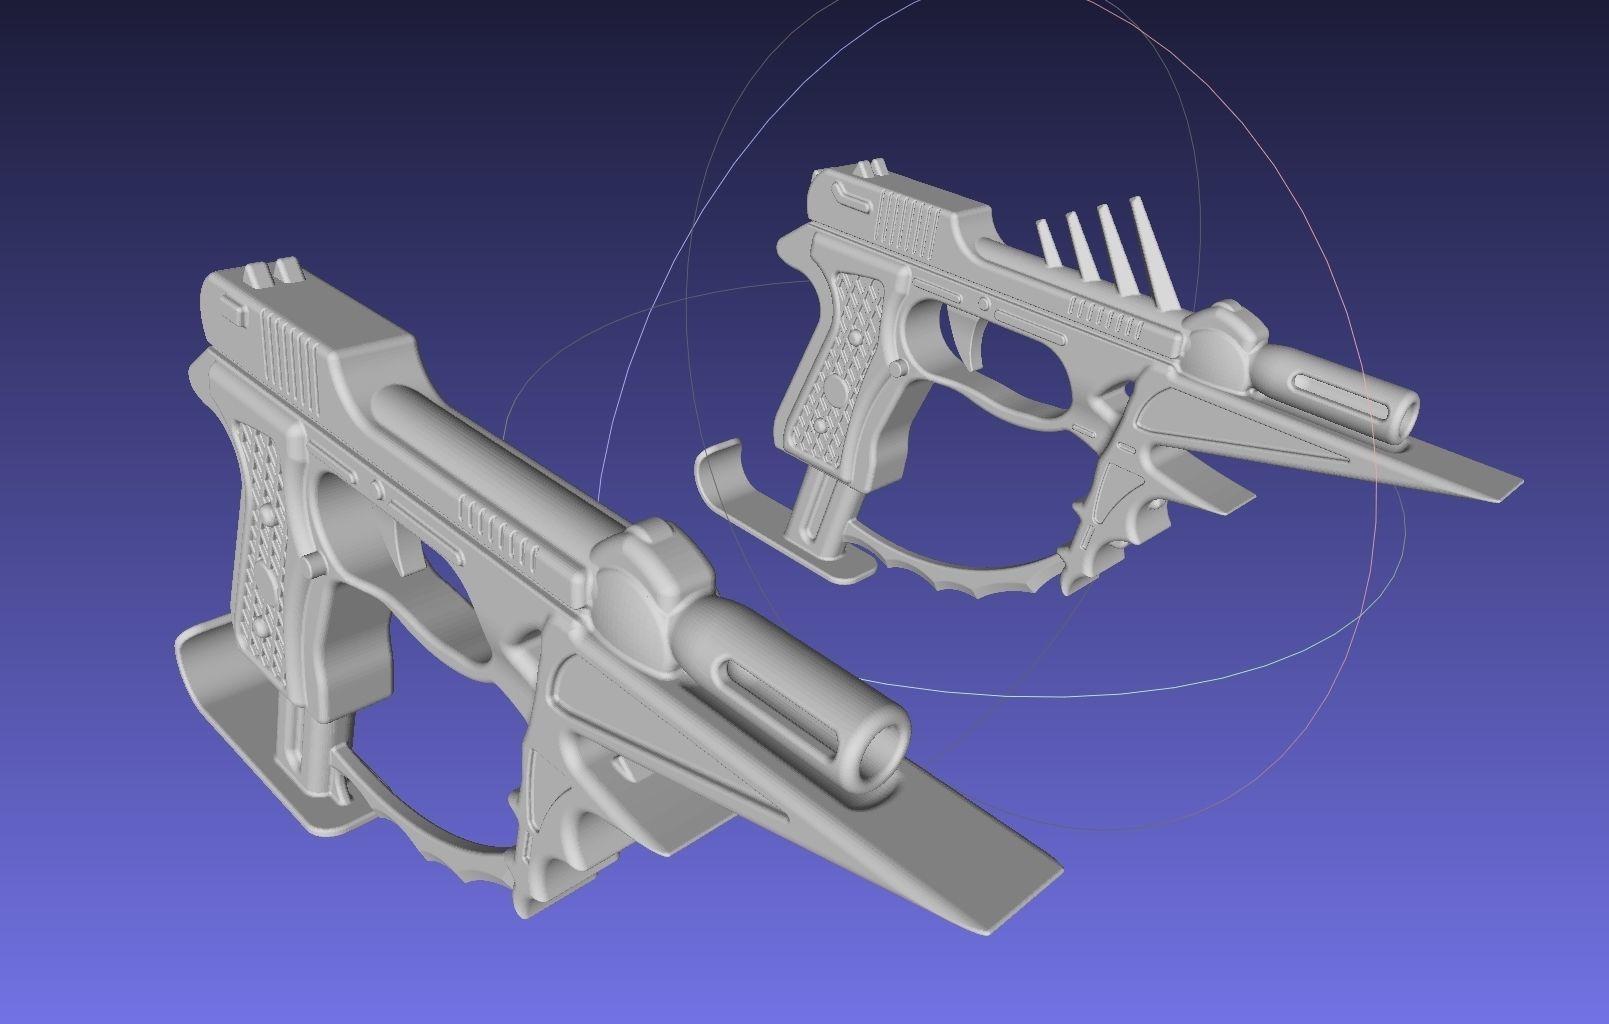 Black Bullet Kagetane Hiruko Guns Printable Models | 3D Print Model